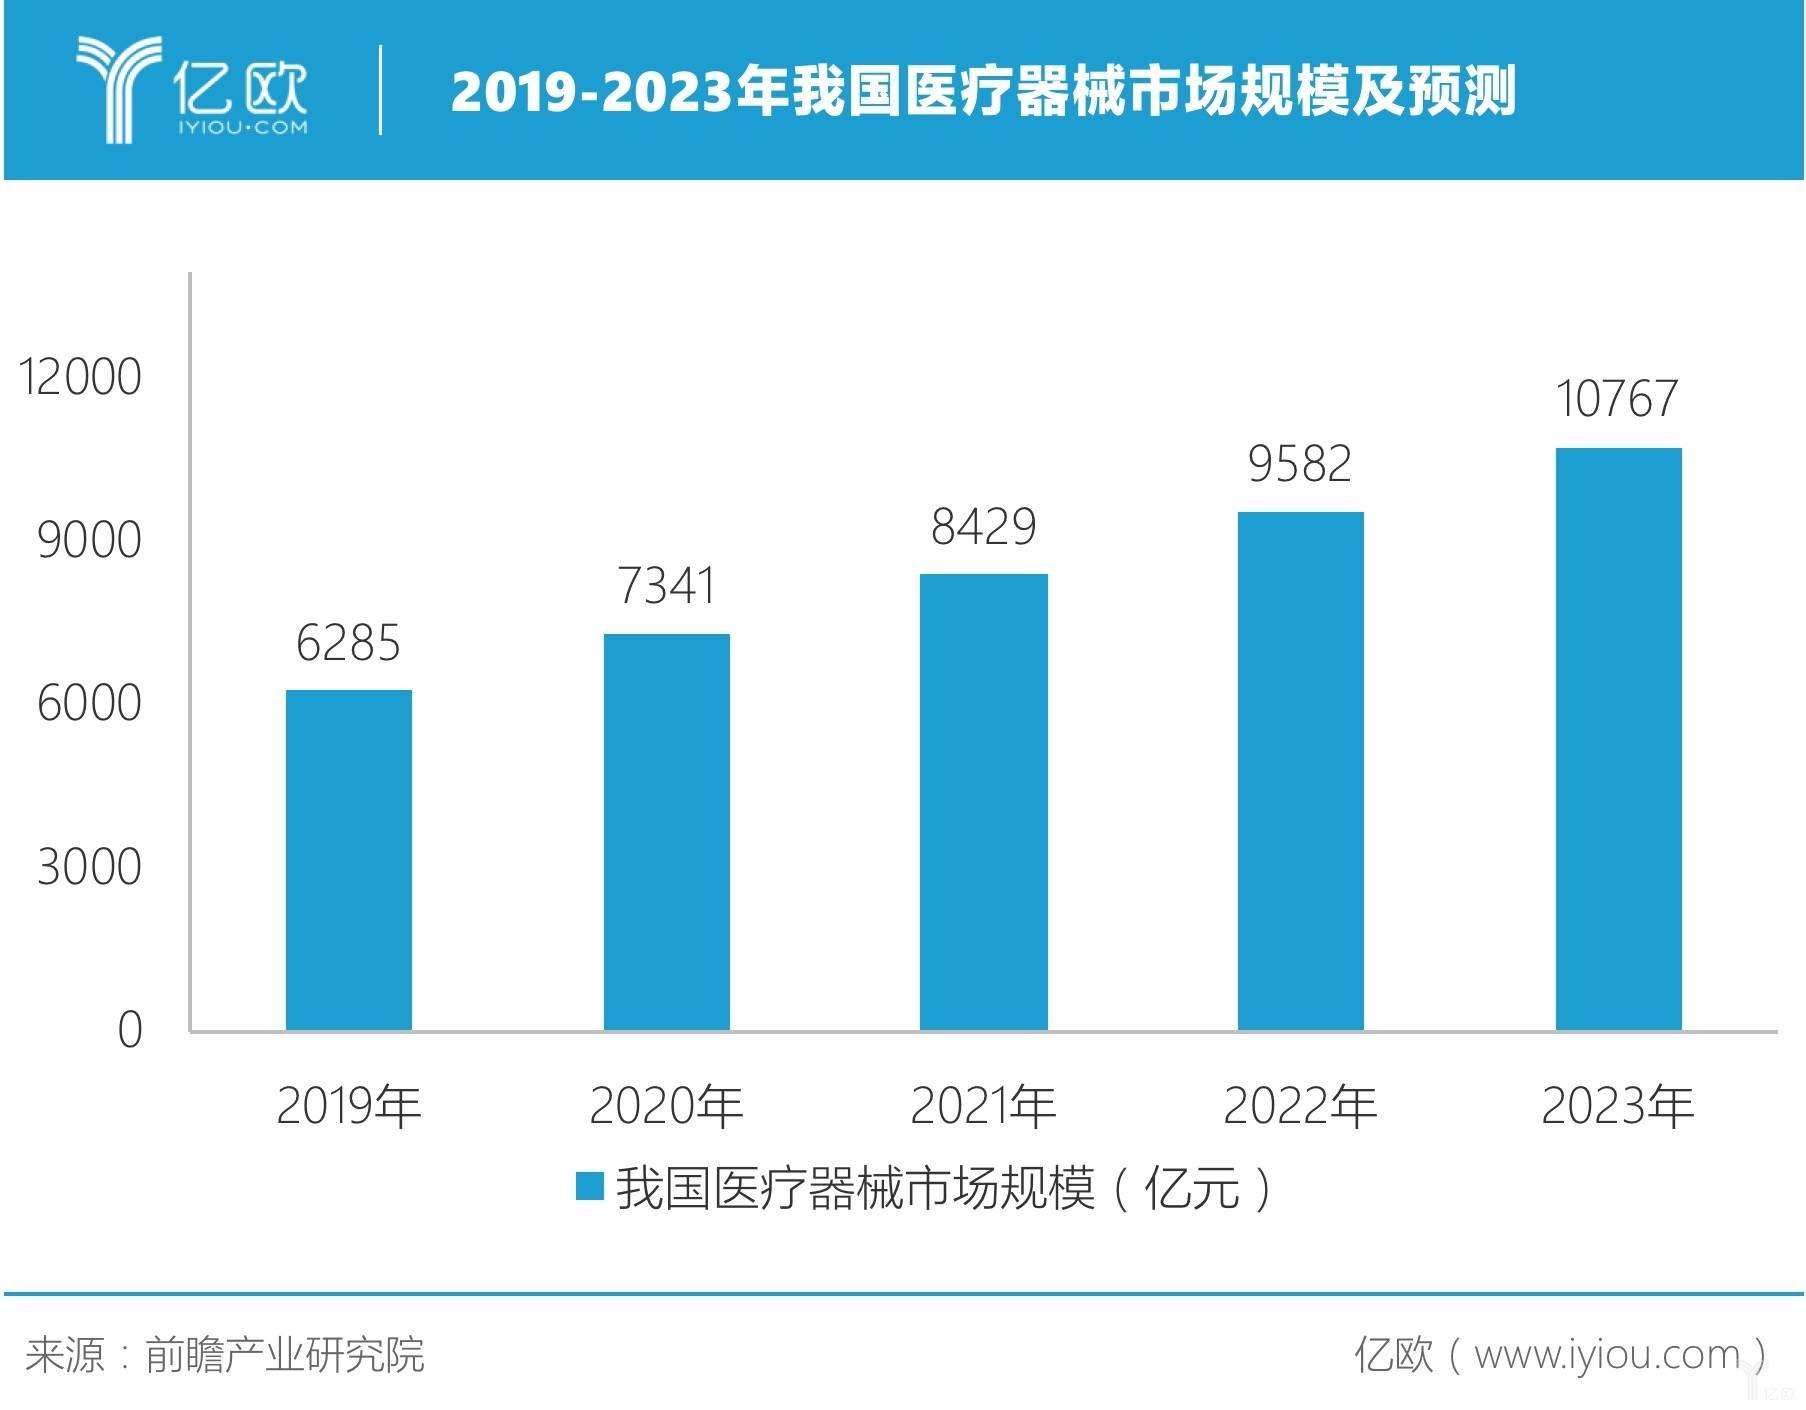 2019-2023年我国医疗器械市场规模及预测